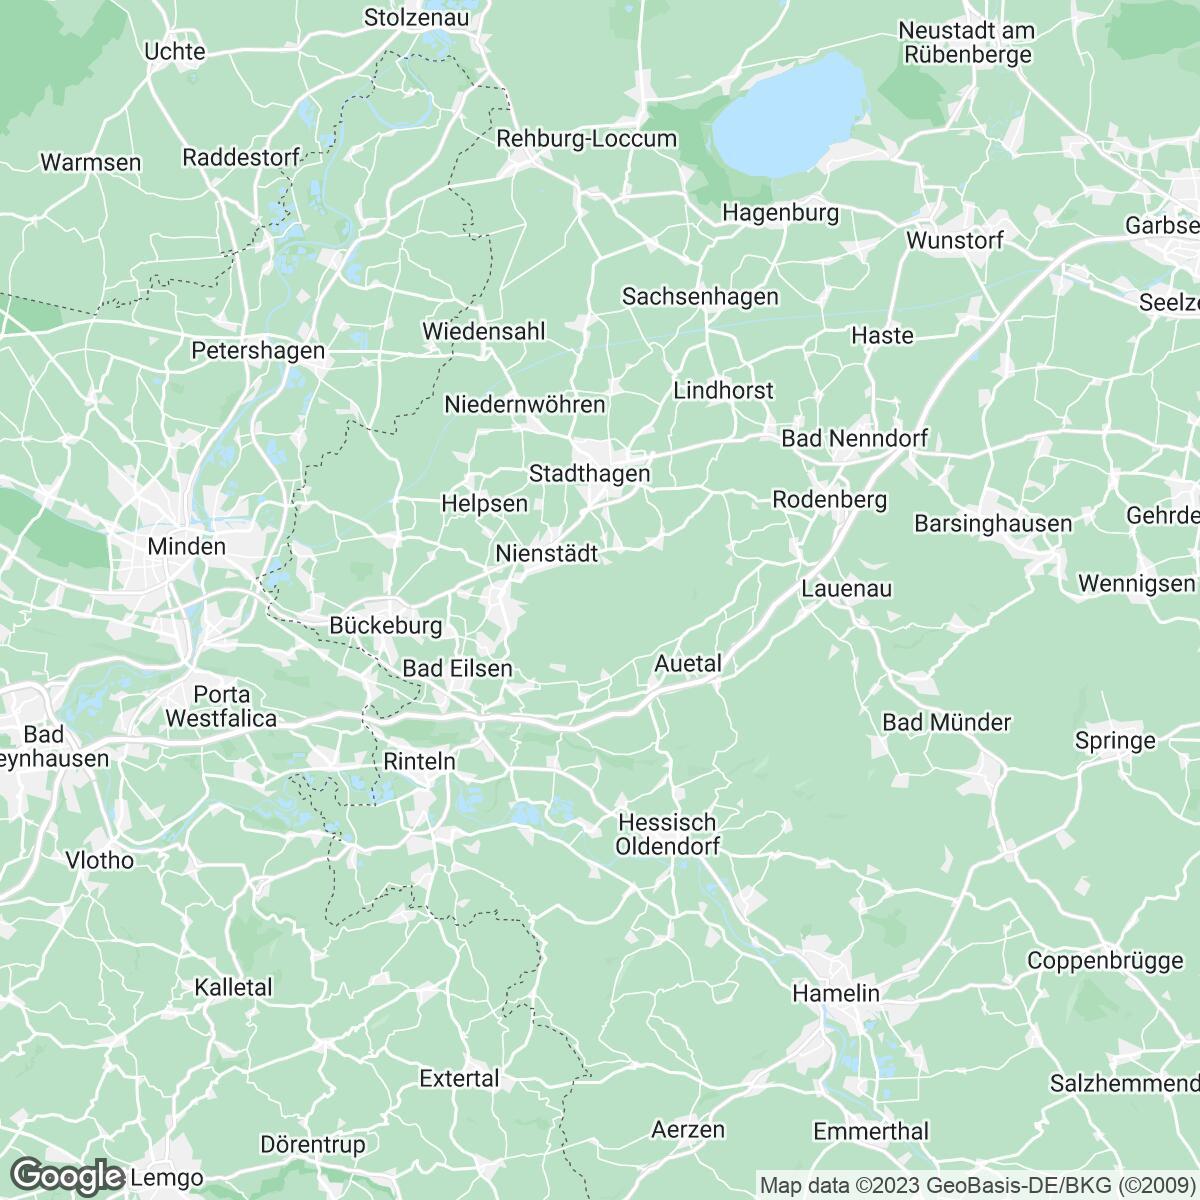 Verkaufsgebiet der Zeitungen Schaumburger Zeitung / Schaumburg-Lippische Landes-Zeitung